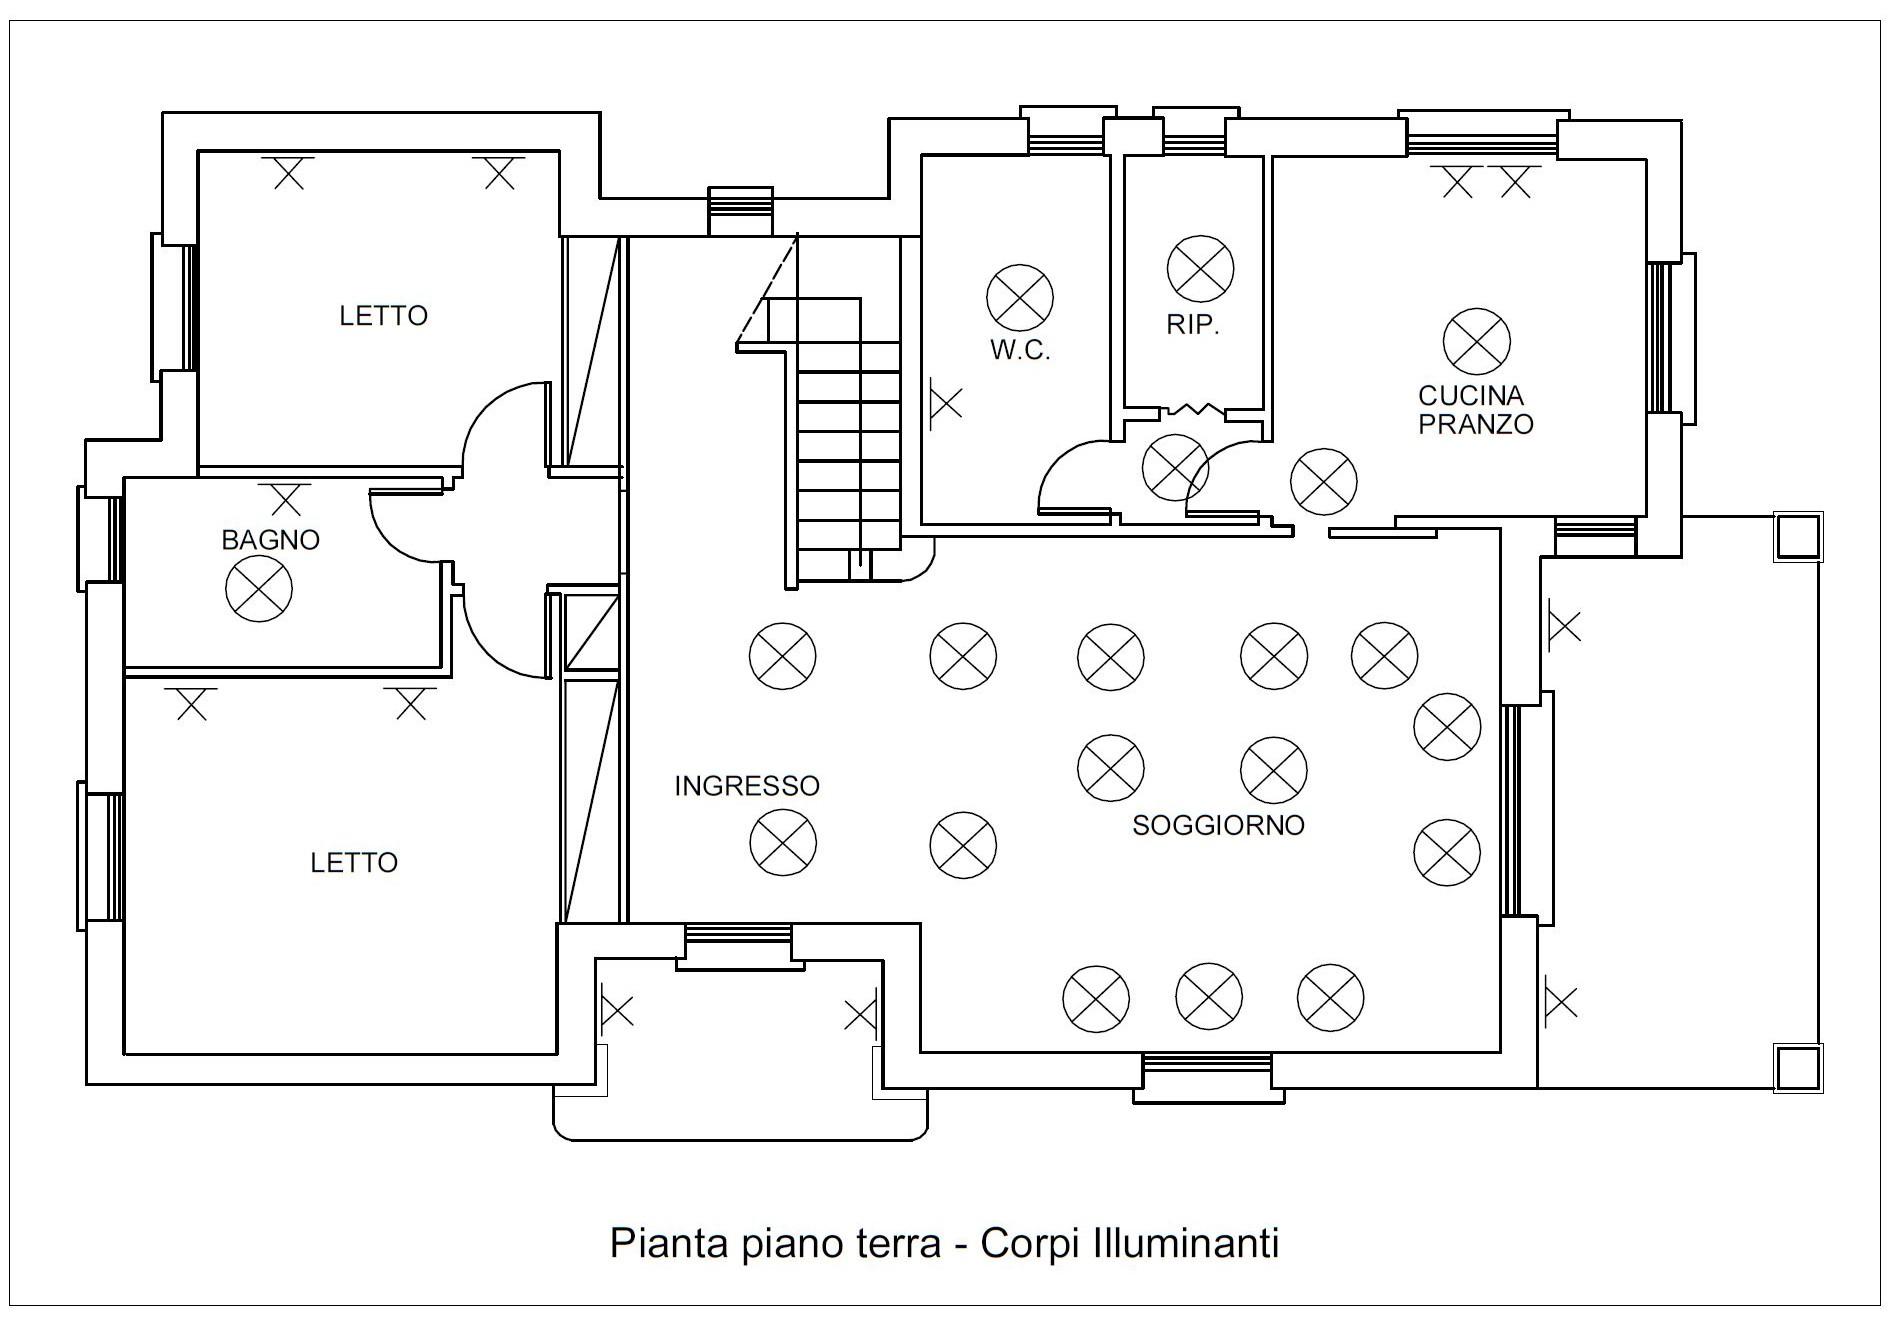 Schema Elettrico Per 4 Punti Luce : Progettazione impianti elettrici archdesignonline